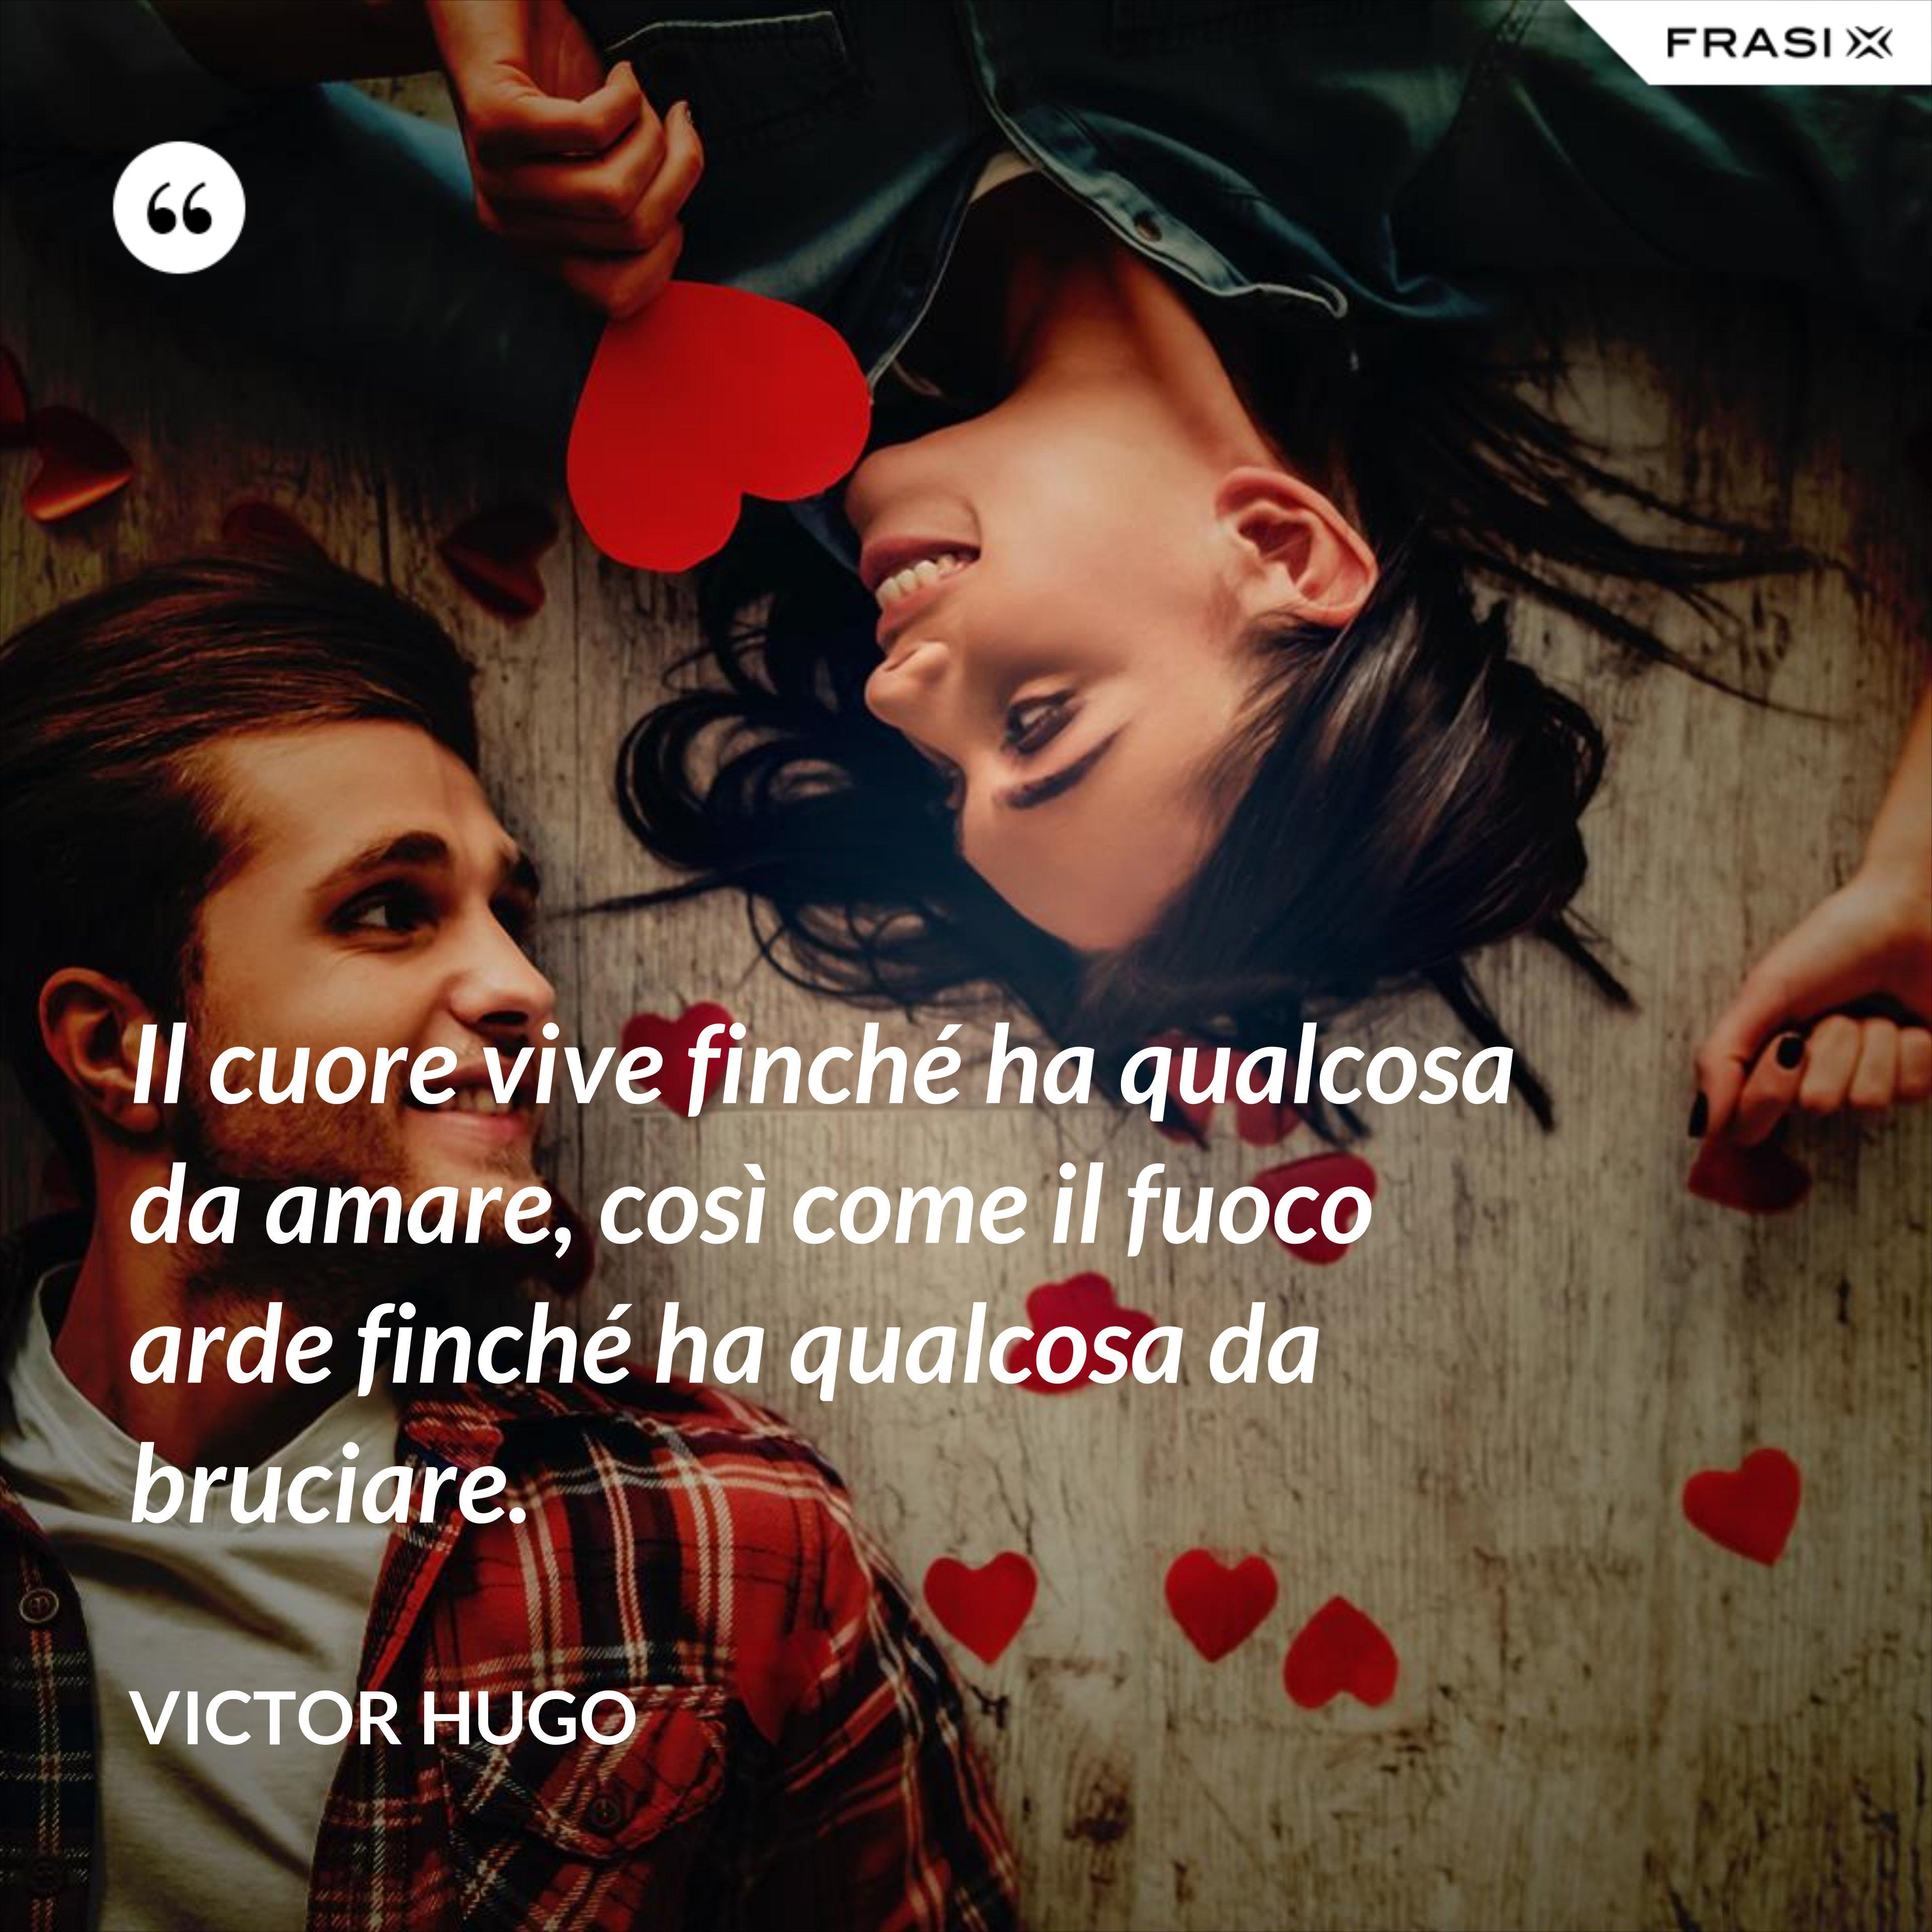 Il cuore vive finché ha qualcosa da amare, così come il fuoco arde finché ha qualcosa da bruciare. - Victor Hugo